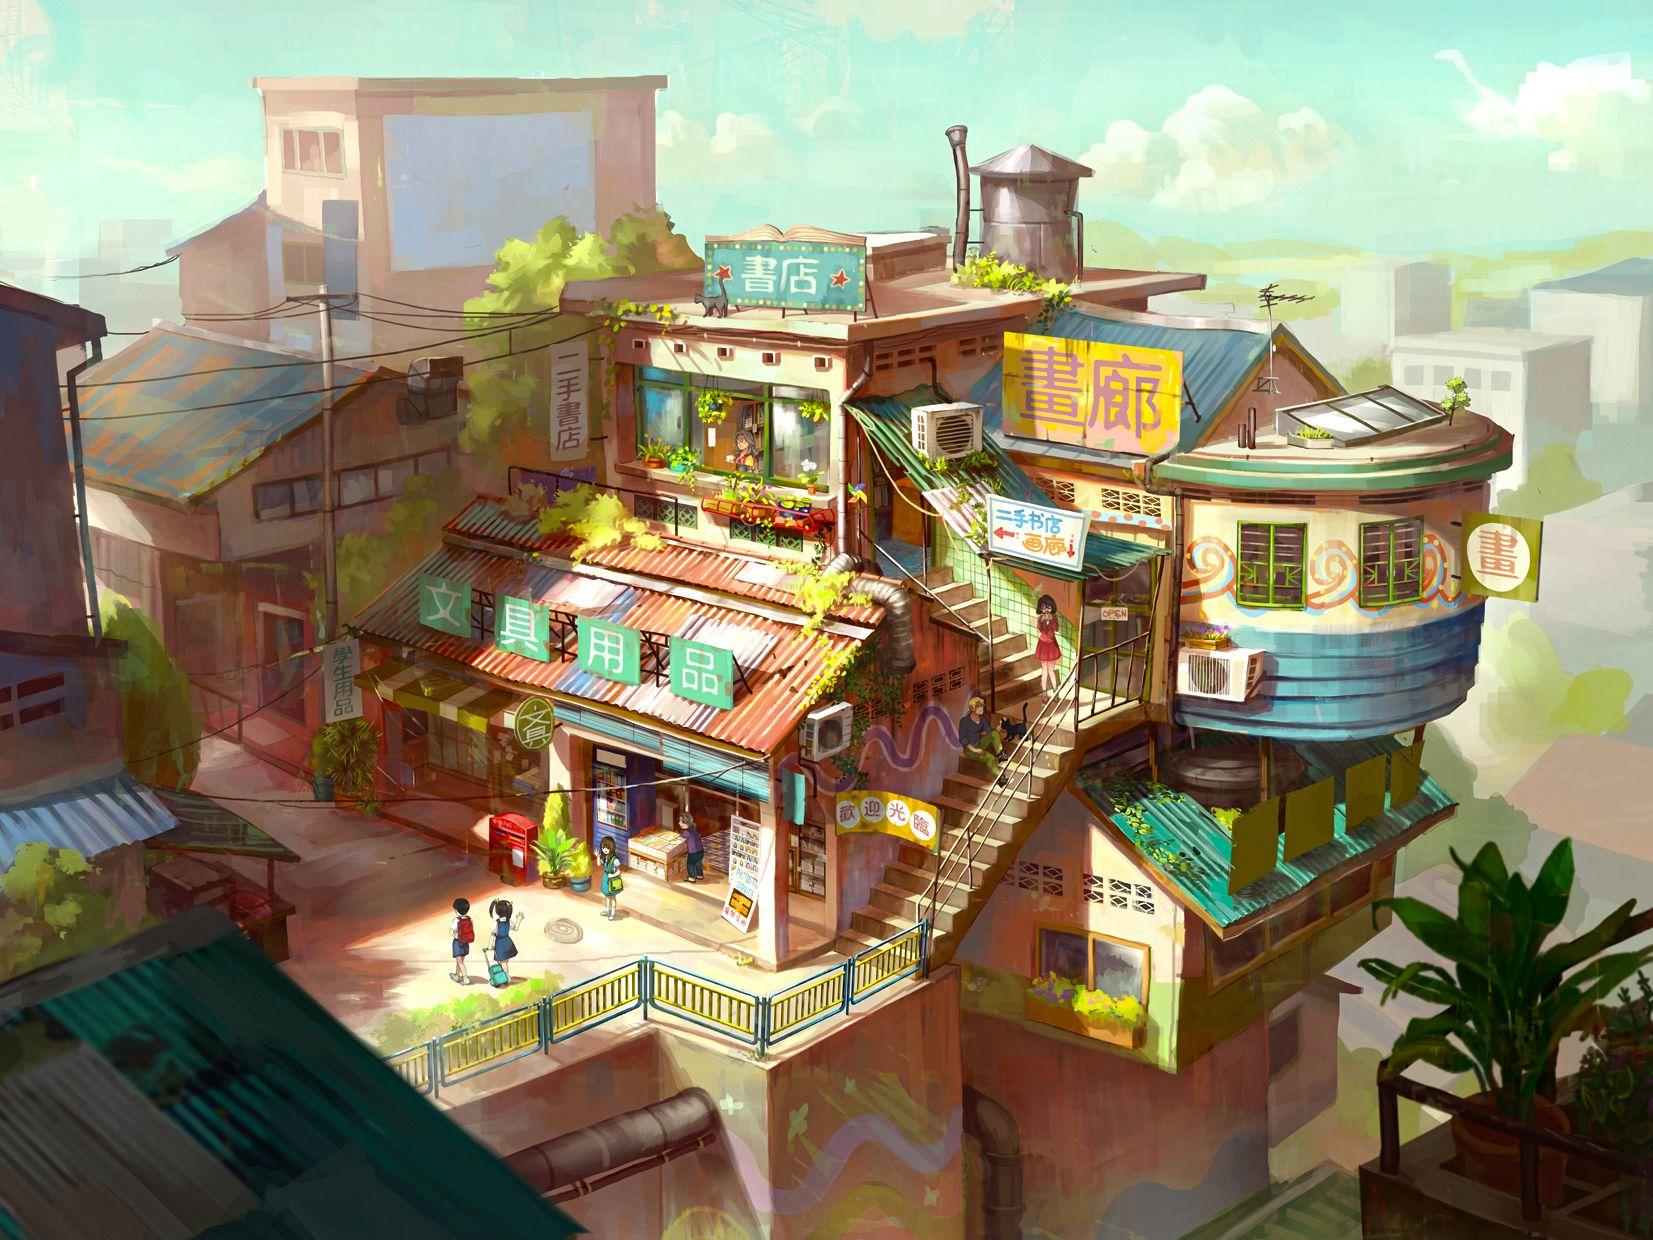 Neighborhood store and tea house chong fei giap